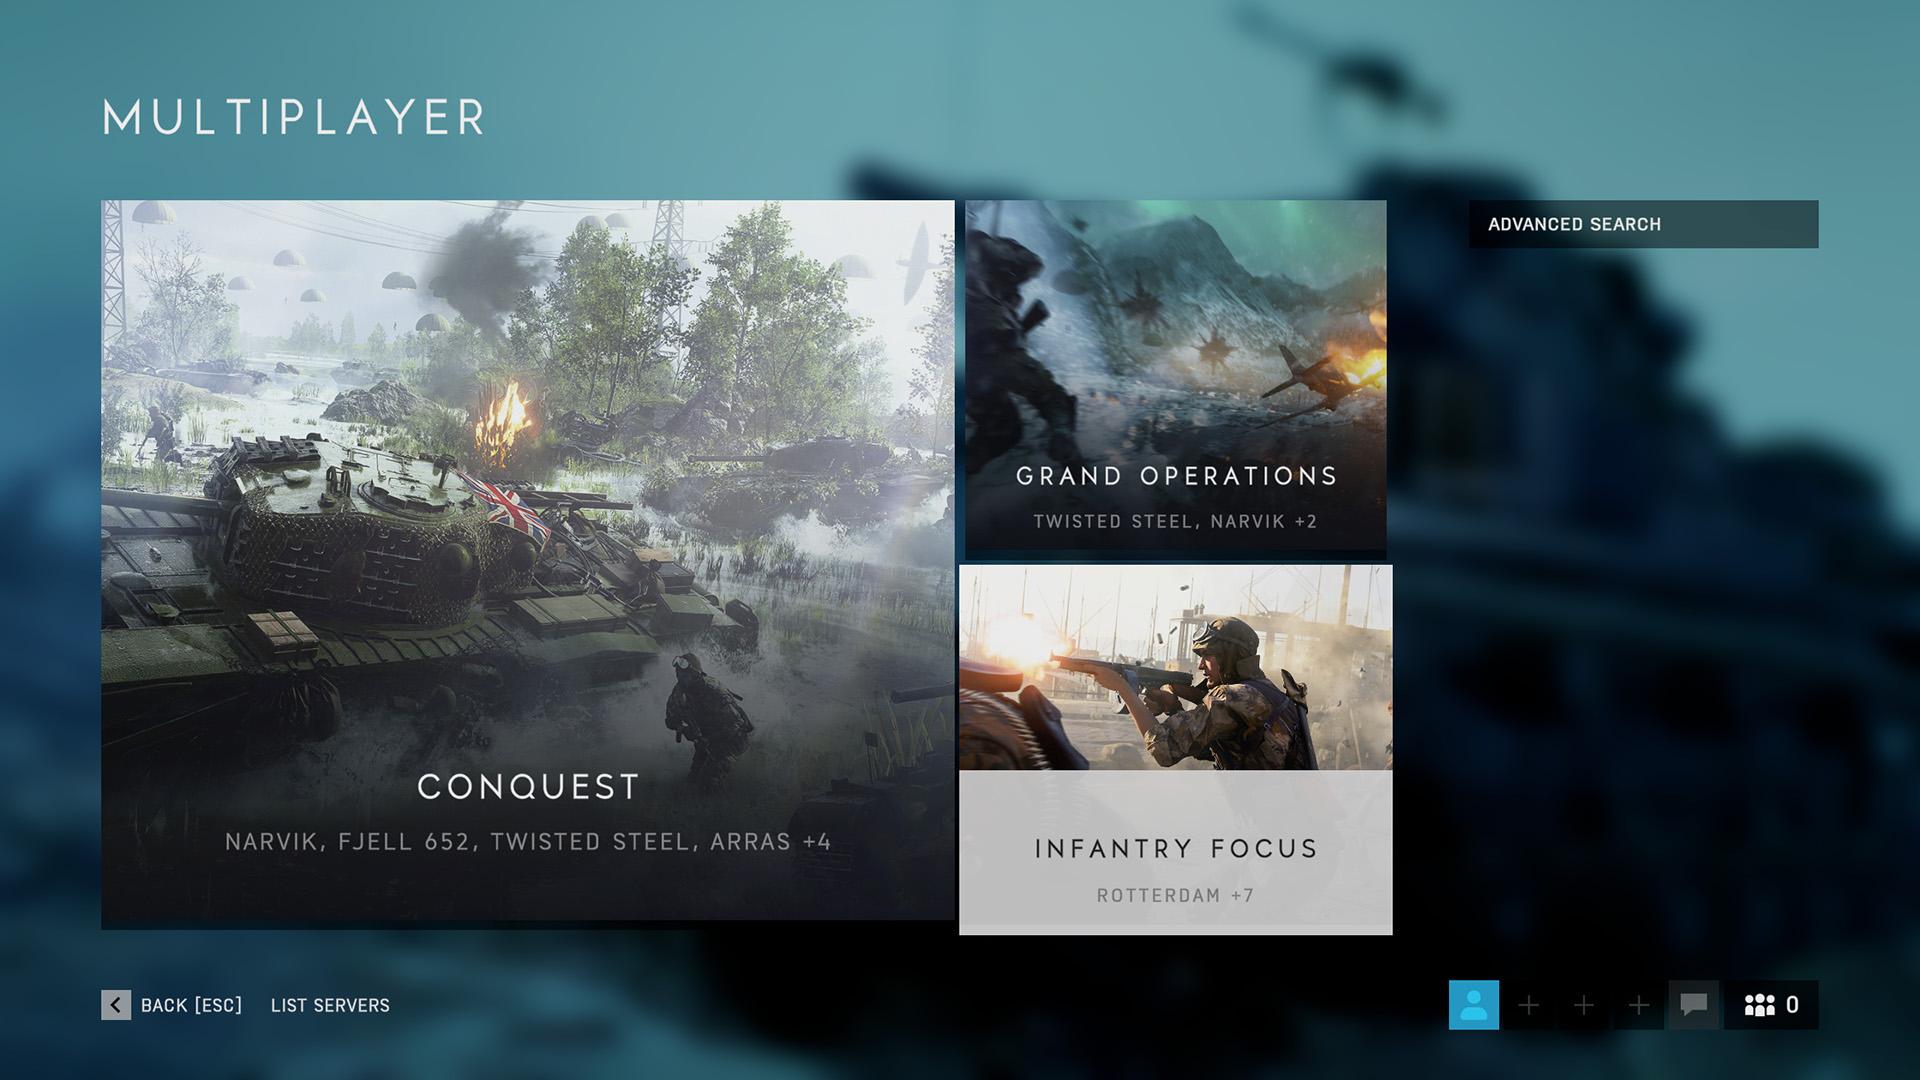 Battlefield V Screenshot 2018_0019_Battlefield V Screenshot 2018.11.11 - 20.35.24.80.jpg